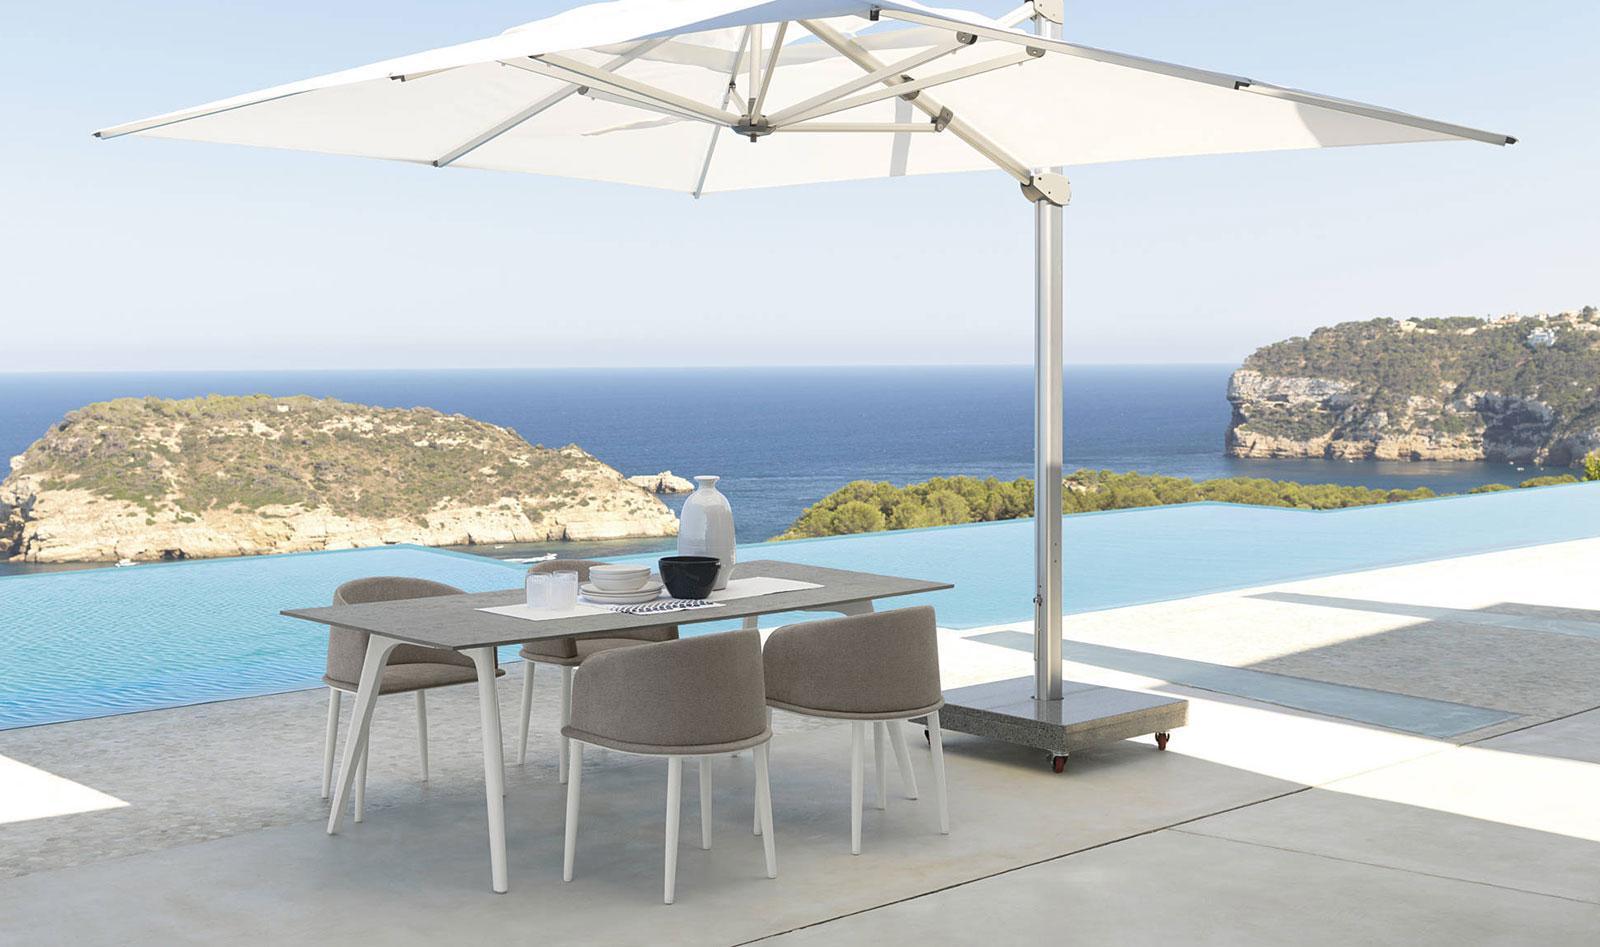 poltrona da esterno giardino made in italy design prezzi arredamento casa moderno alberghi hotel ristorante lusso marco acerbis sedia da pranzo rossa yacht